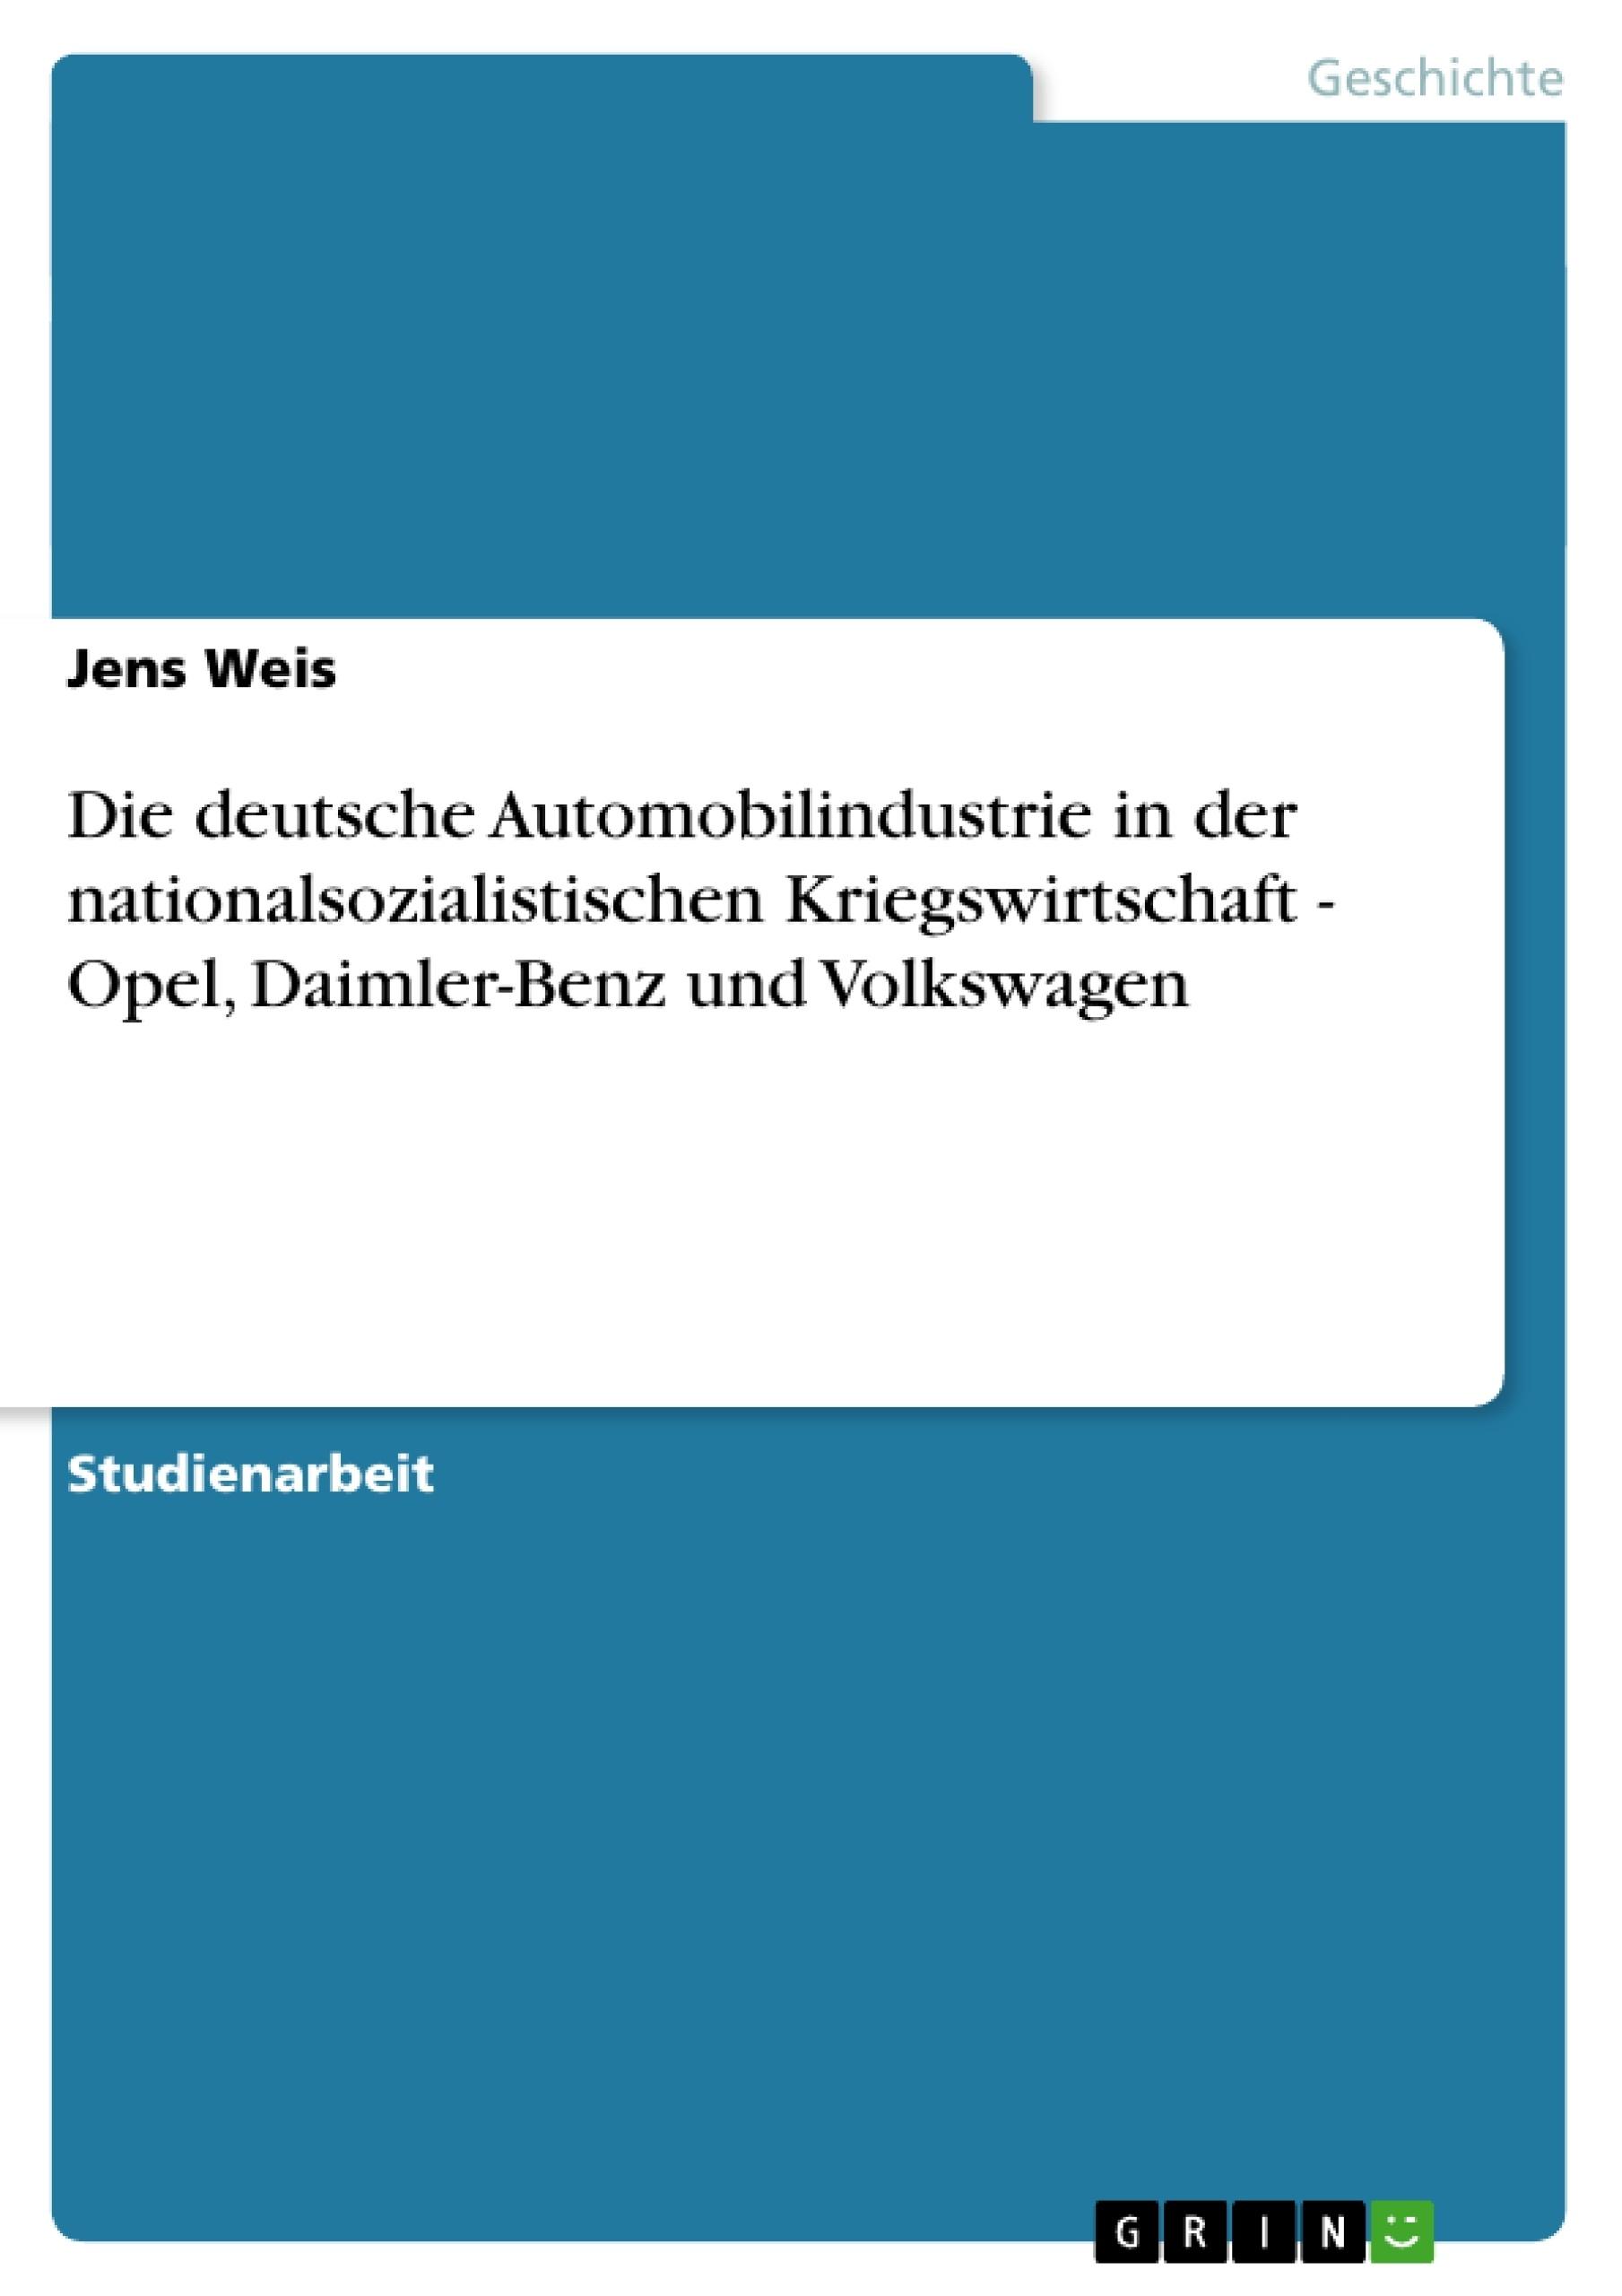 Titel: Die deutsche Automobilindustrie in der nationalsozialistischen Kriegswirtschaft - Opel, Daimler-Benz und Volkswagen